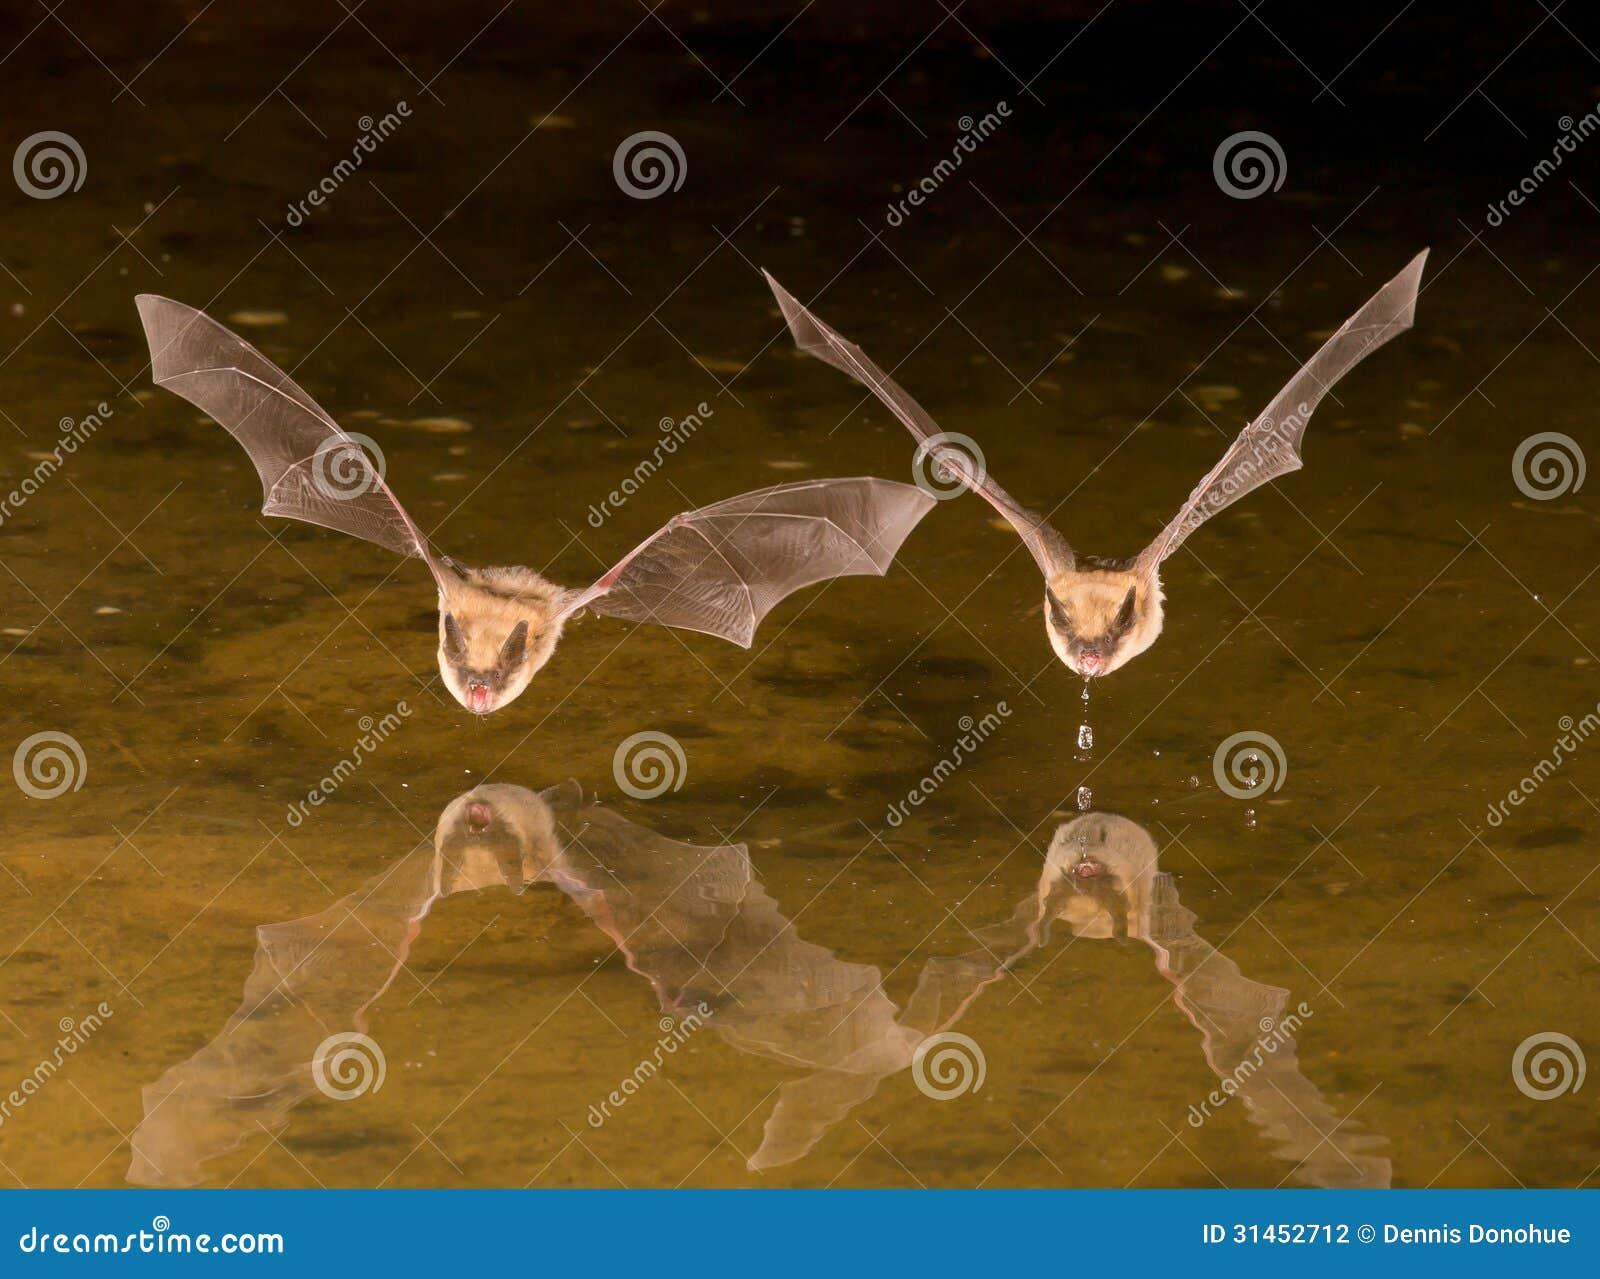 Pipistrello in volo